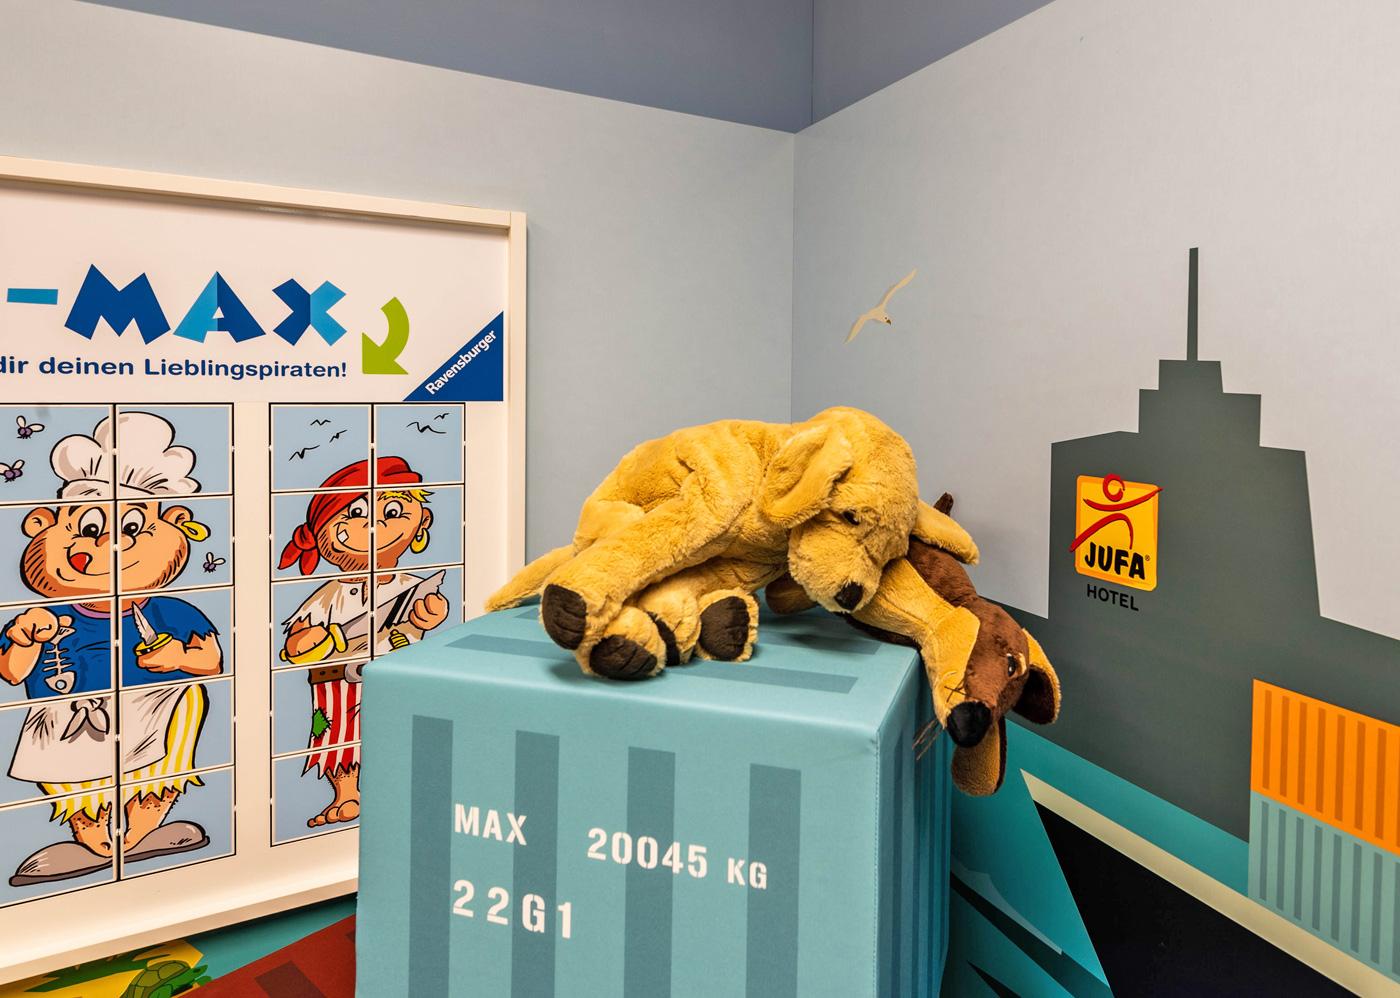 Die Container-Würfel können zum Stapeln oder als Sitzmöglichkeit genutzt werden.